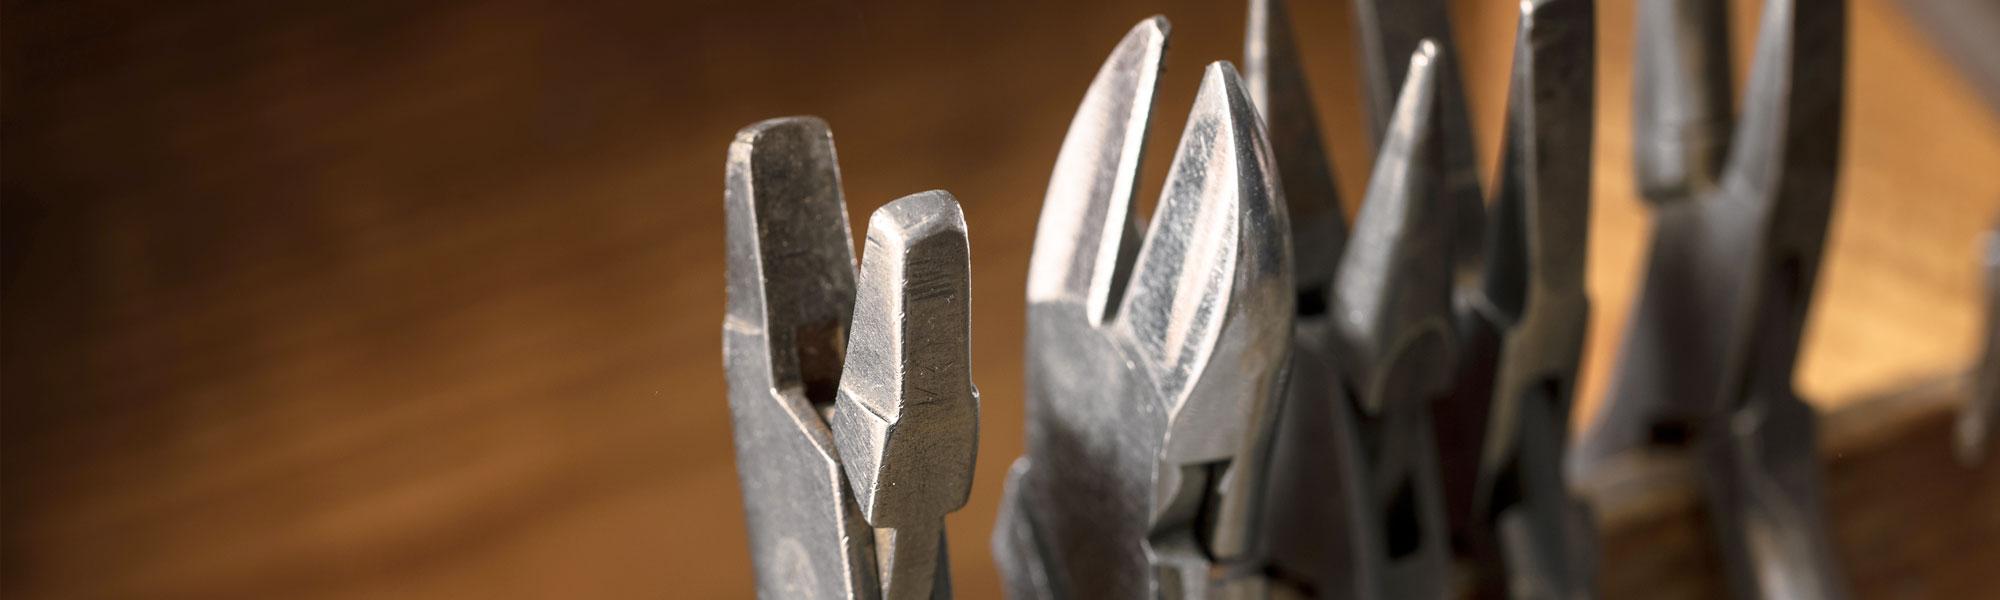 Werkzeuge zur Schmuckbearbeitung